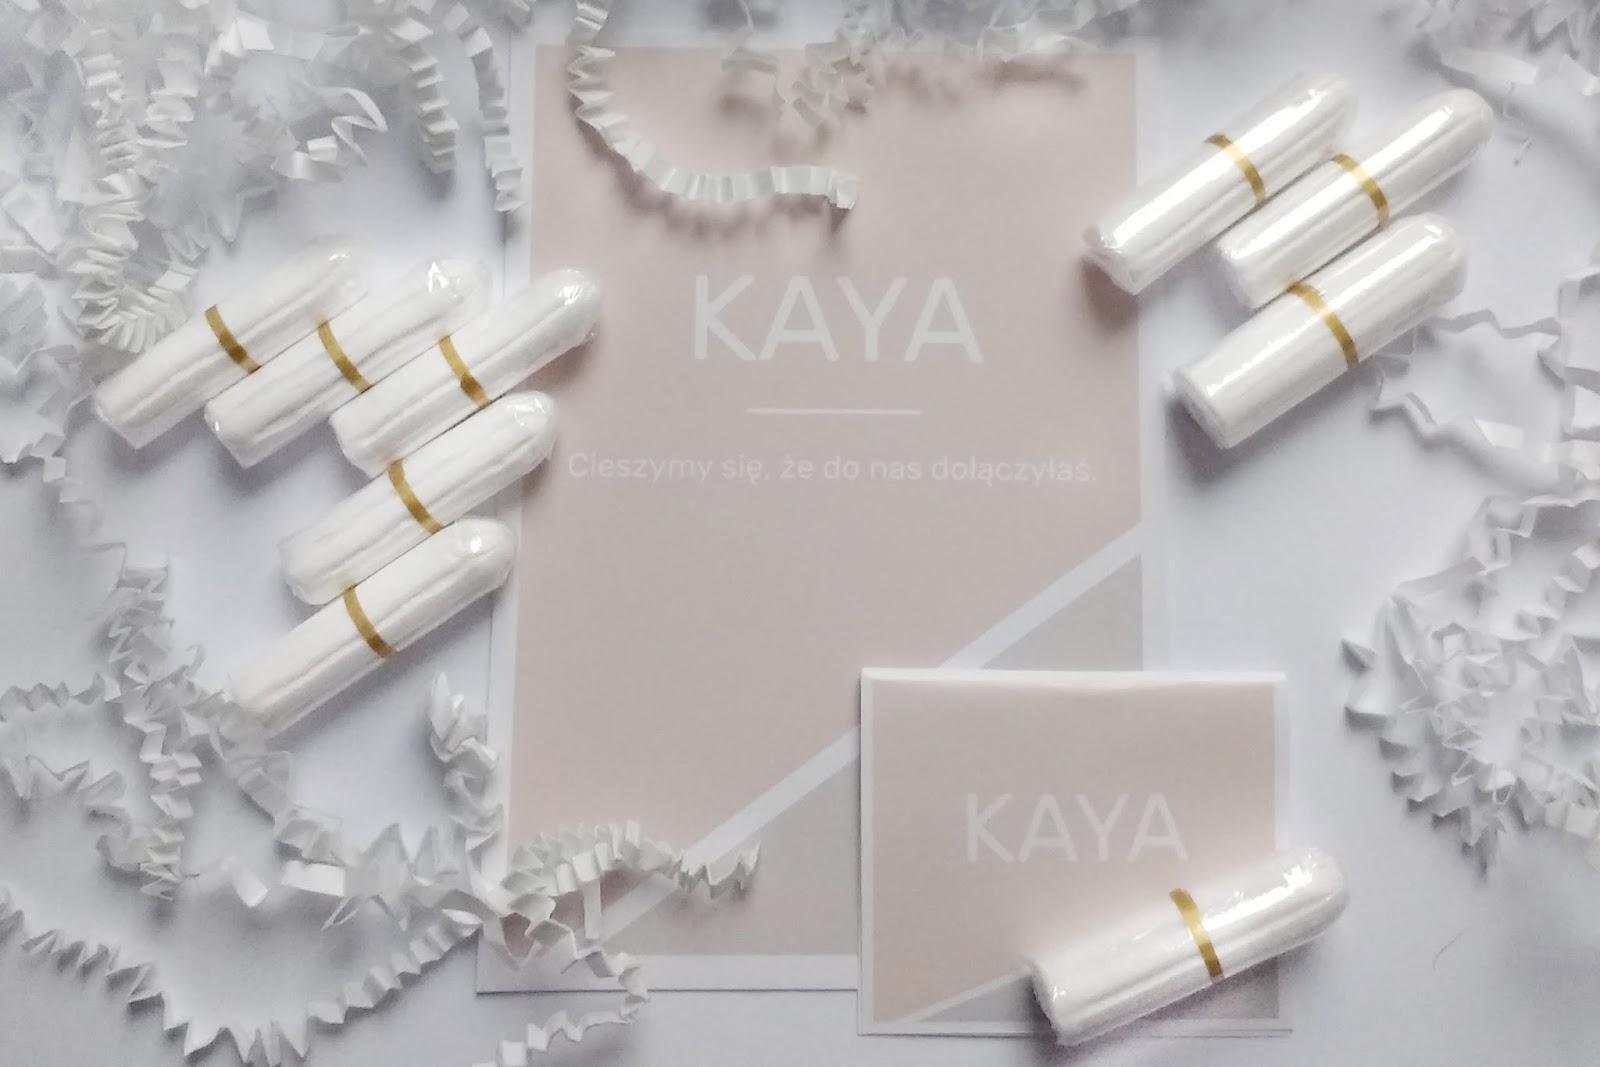 Your Kaya | 100% organicznej bawełny | Subskrypcja produktów do higieny intymnej